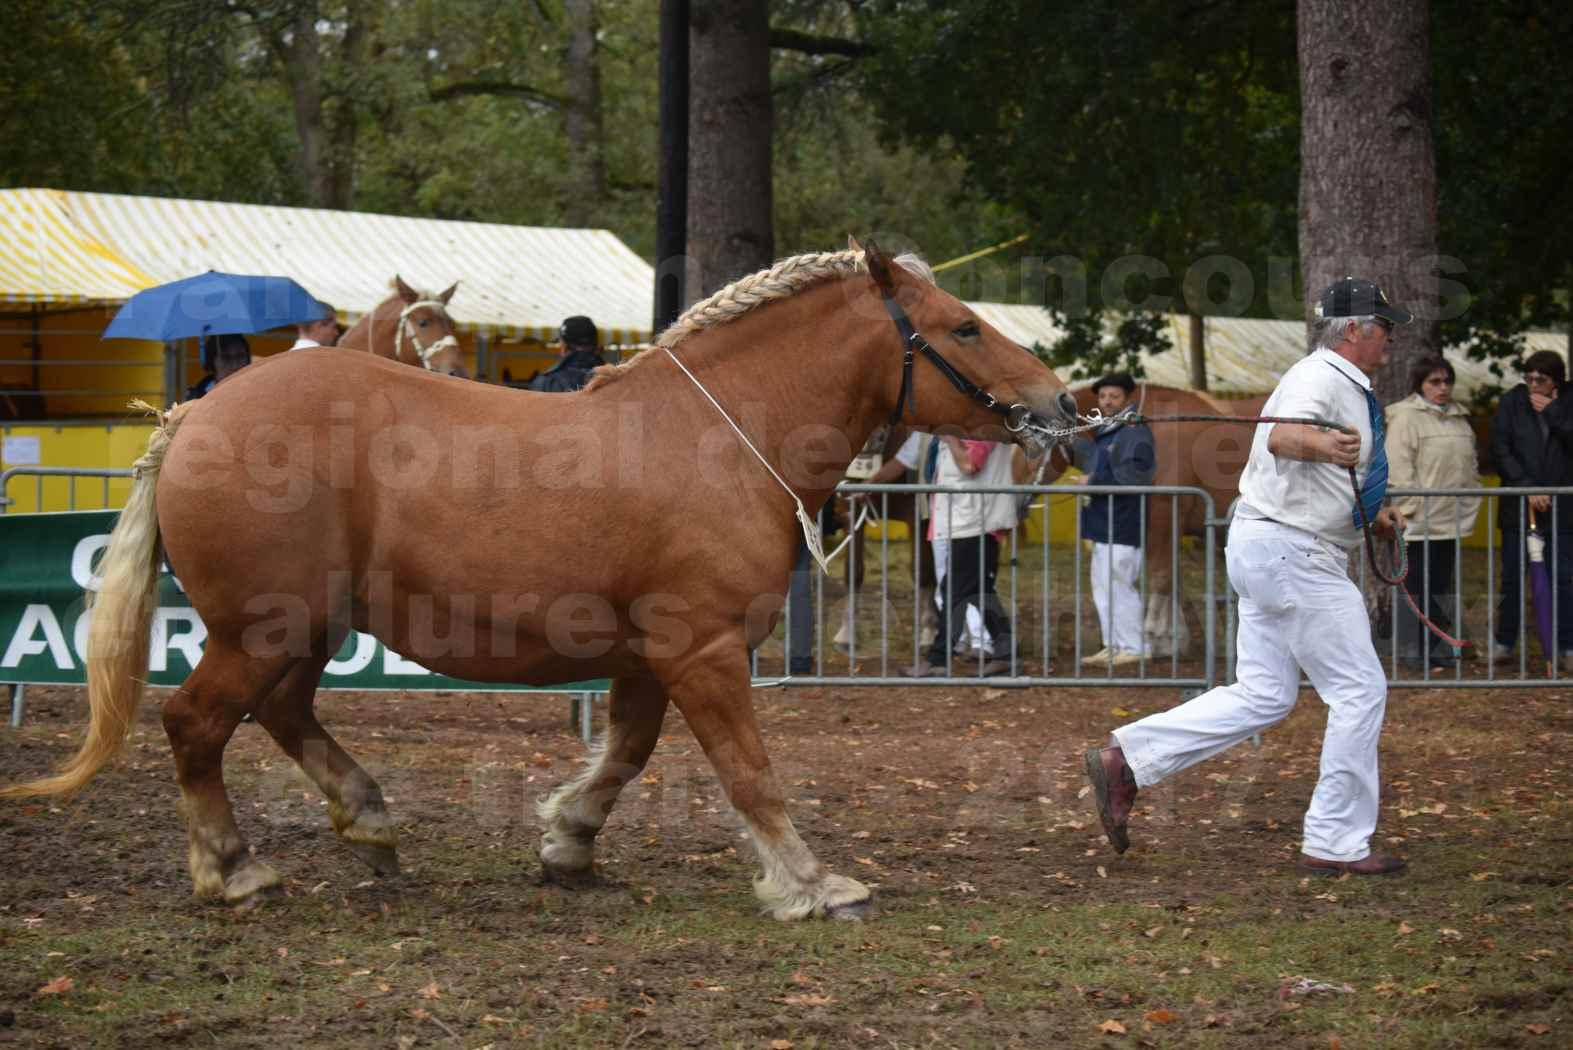 Concours Régional de chevaux de traits en 2017 - Trait COMTOIS  - EGLANTINE DE BENS - 18